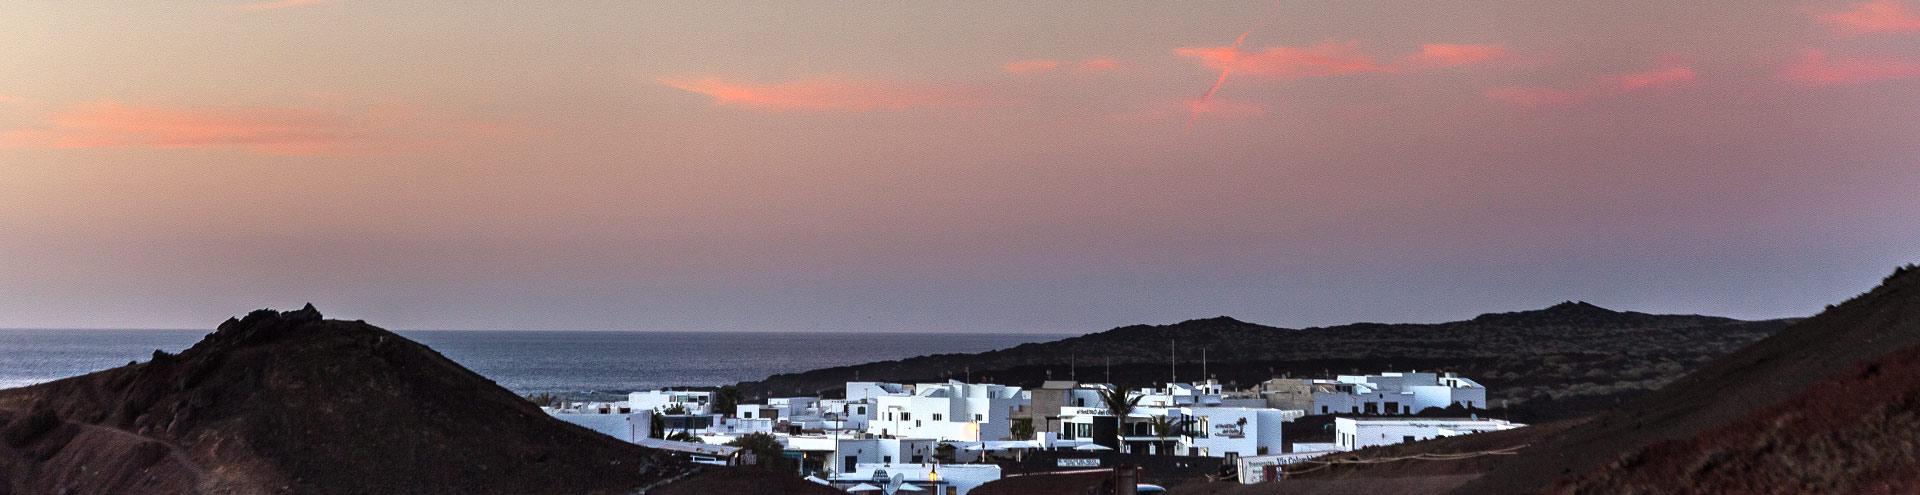 Dusk at El Golfo / Lanzarote